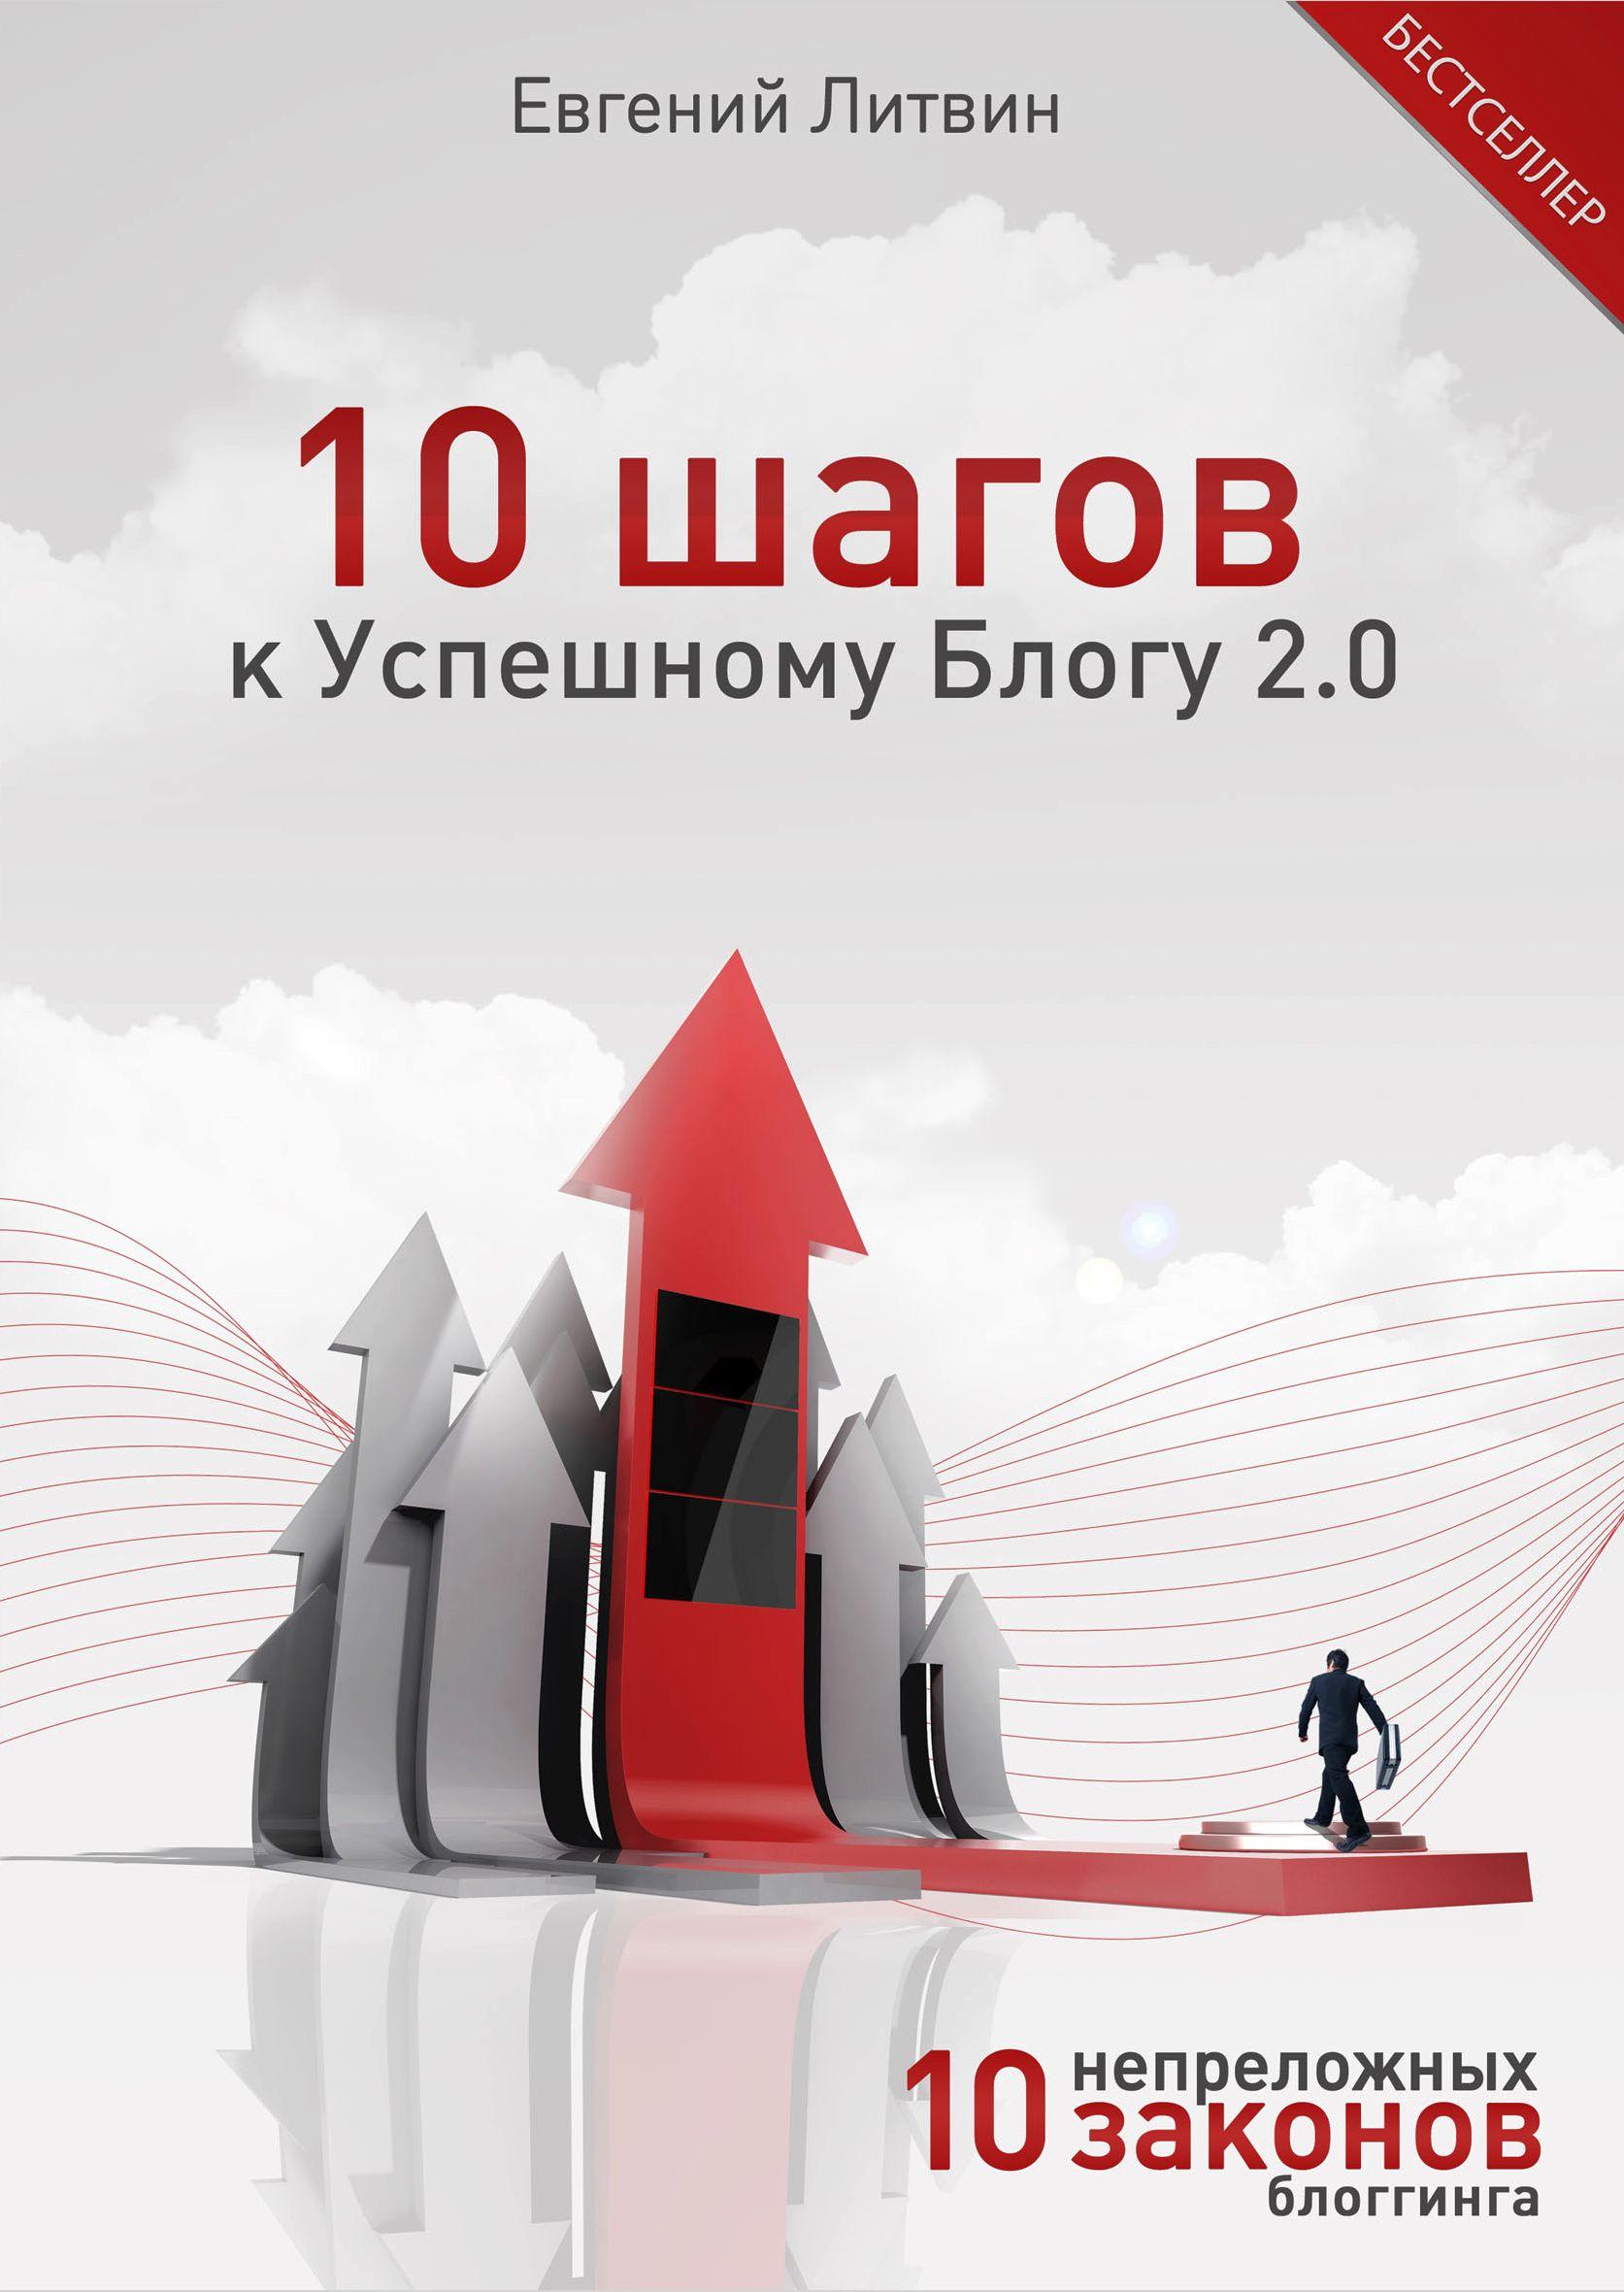 Книга 10 шагов к Успешному Блогу 2.0. 10 непреложных Законов Блоггинга